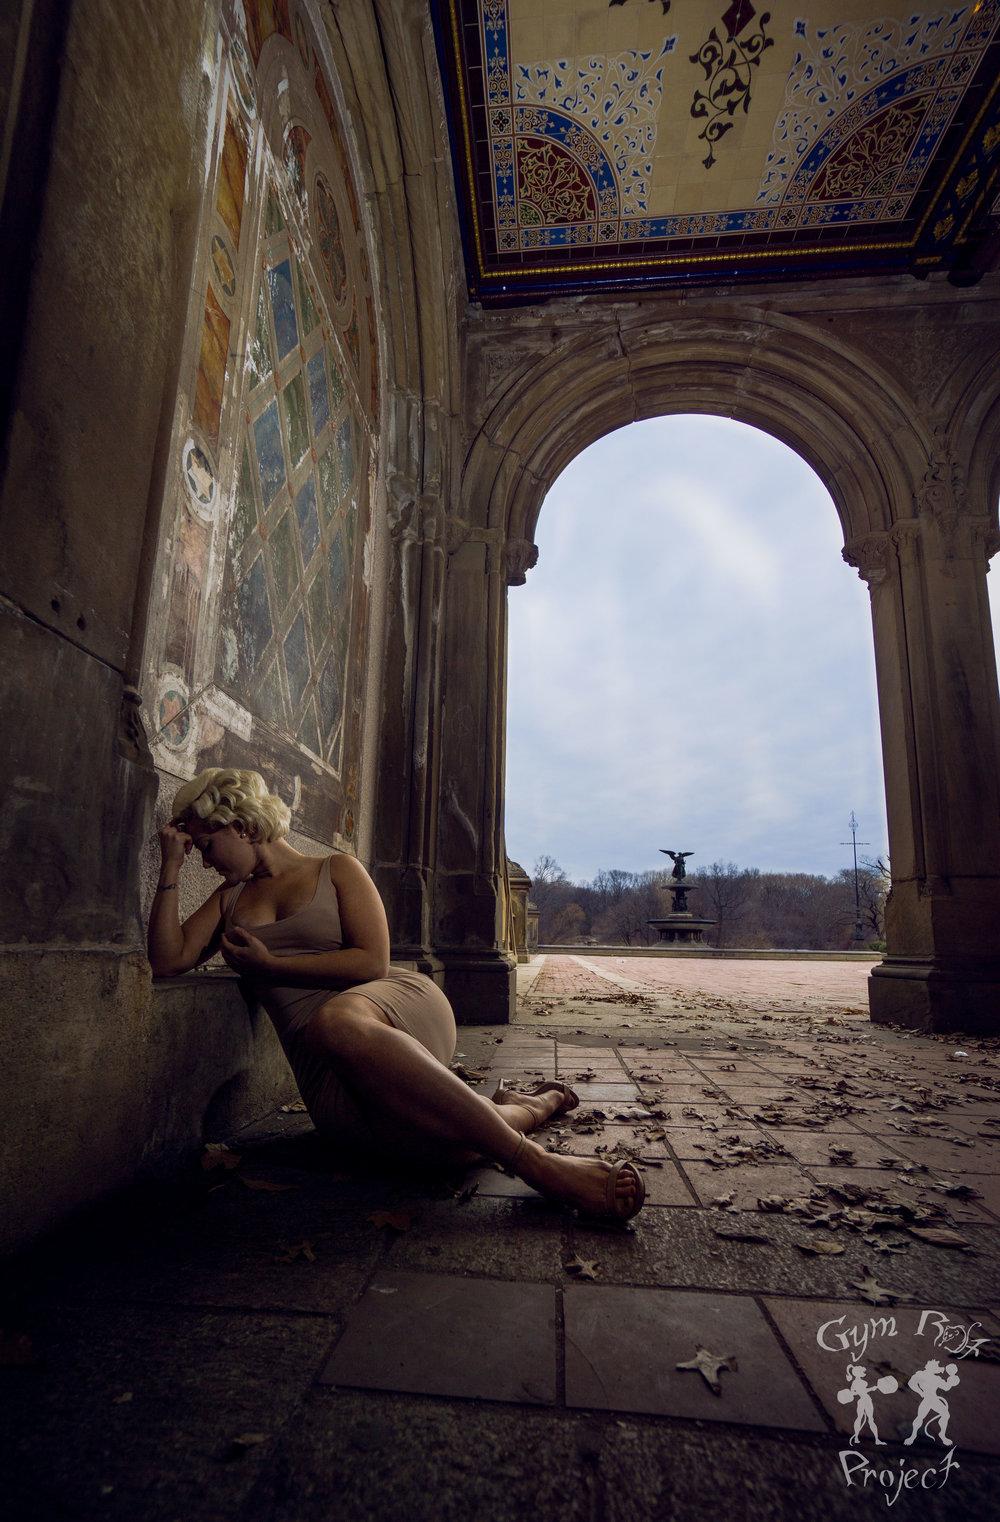 Vicky-good-photography-gymratproject-olivia2.jpg